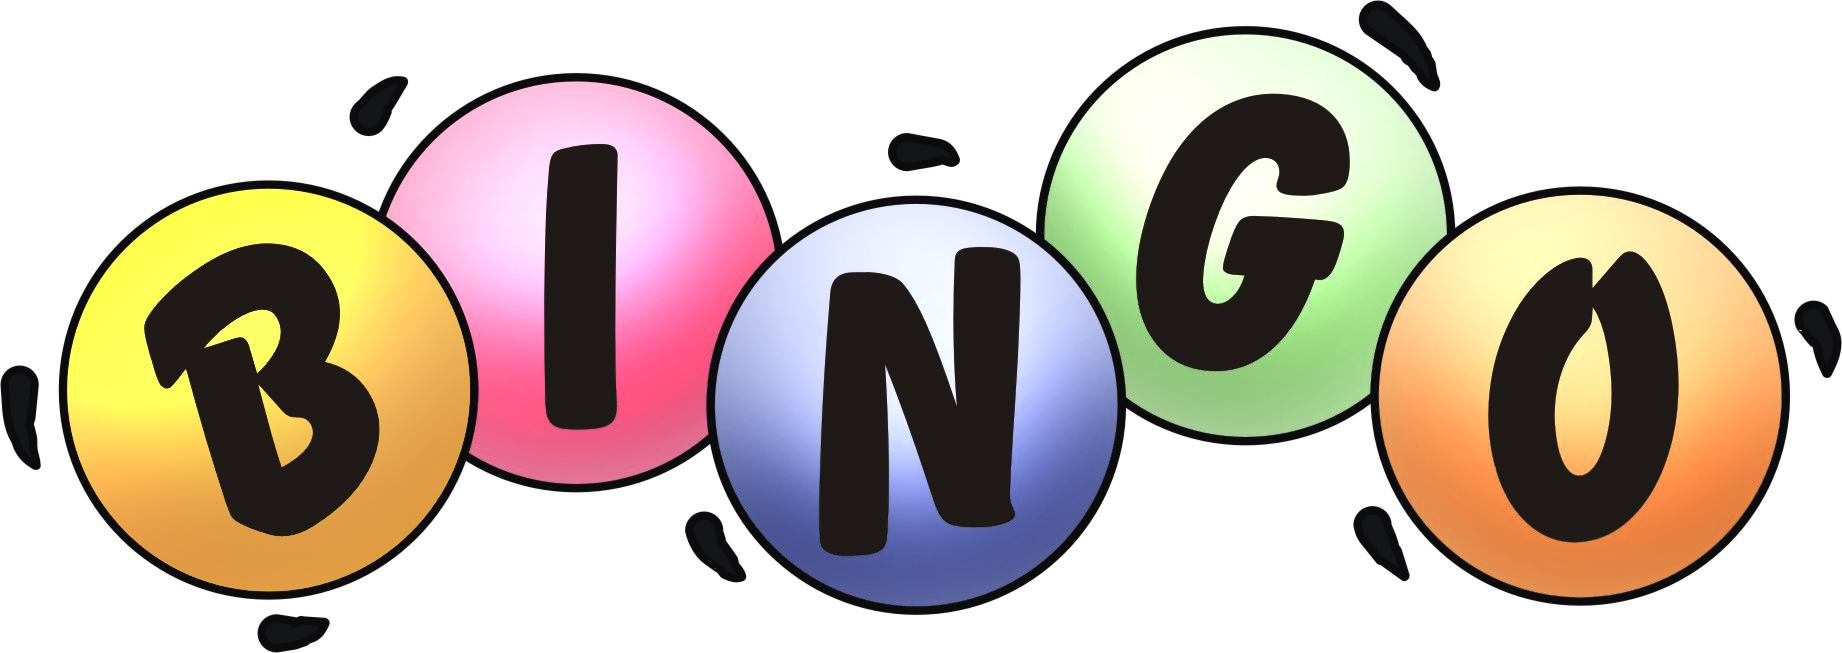 bingo-20clipart-nTBBXMyTA